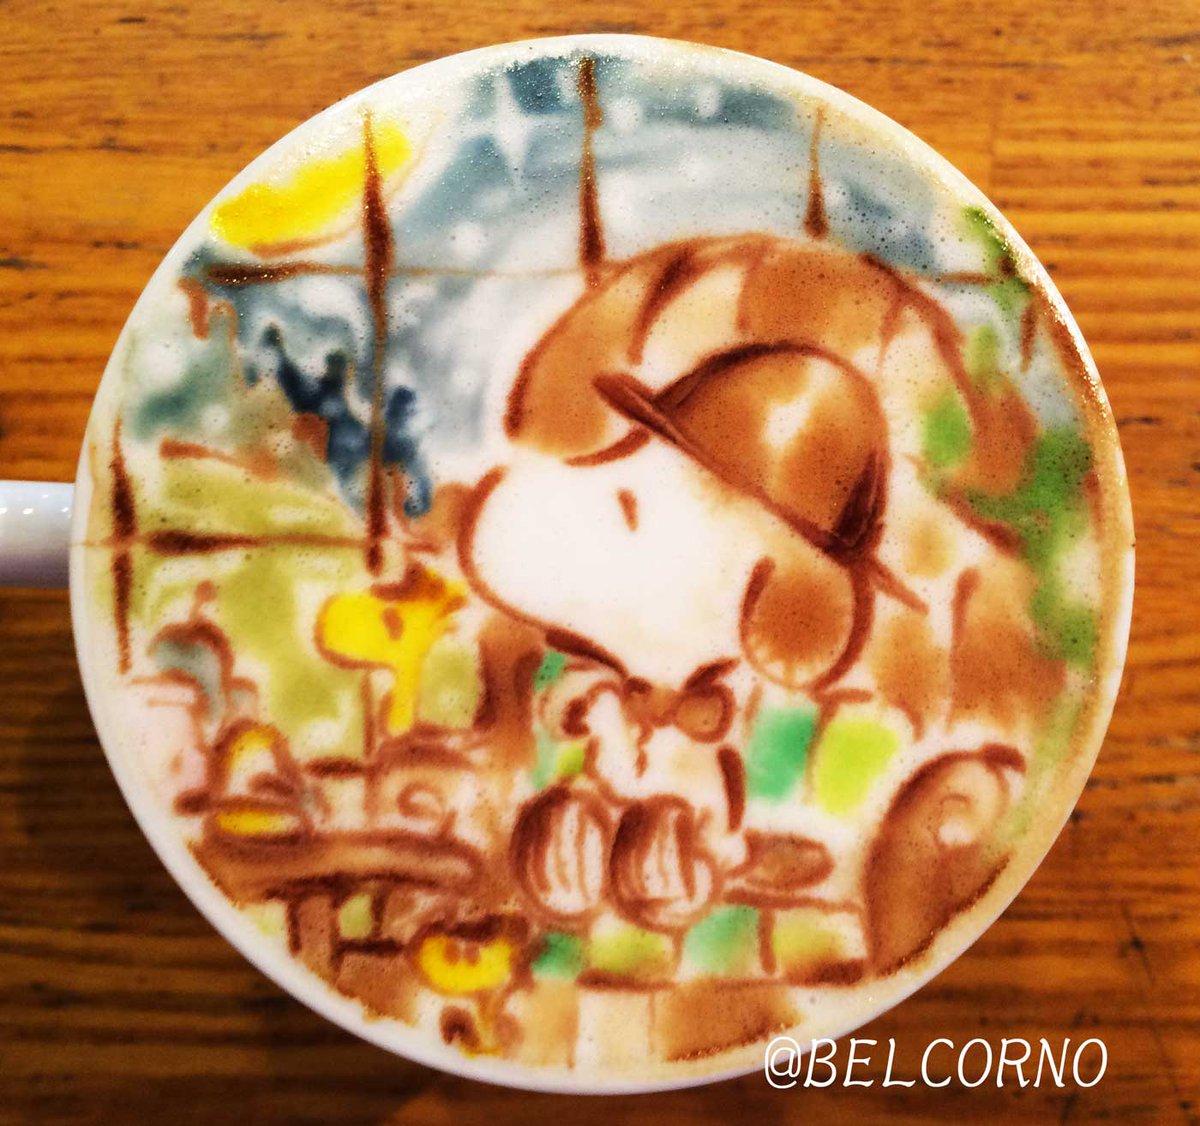 http://twitter.com/BELCORNO/status/648111257145335808/photo/1